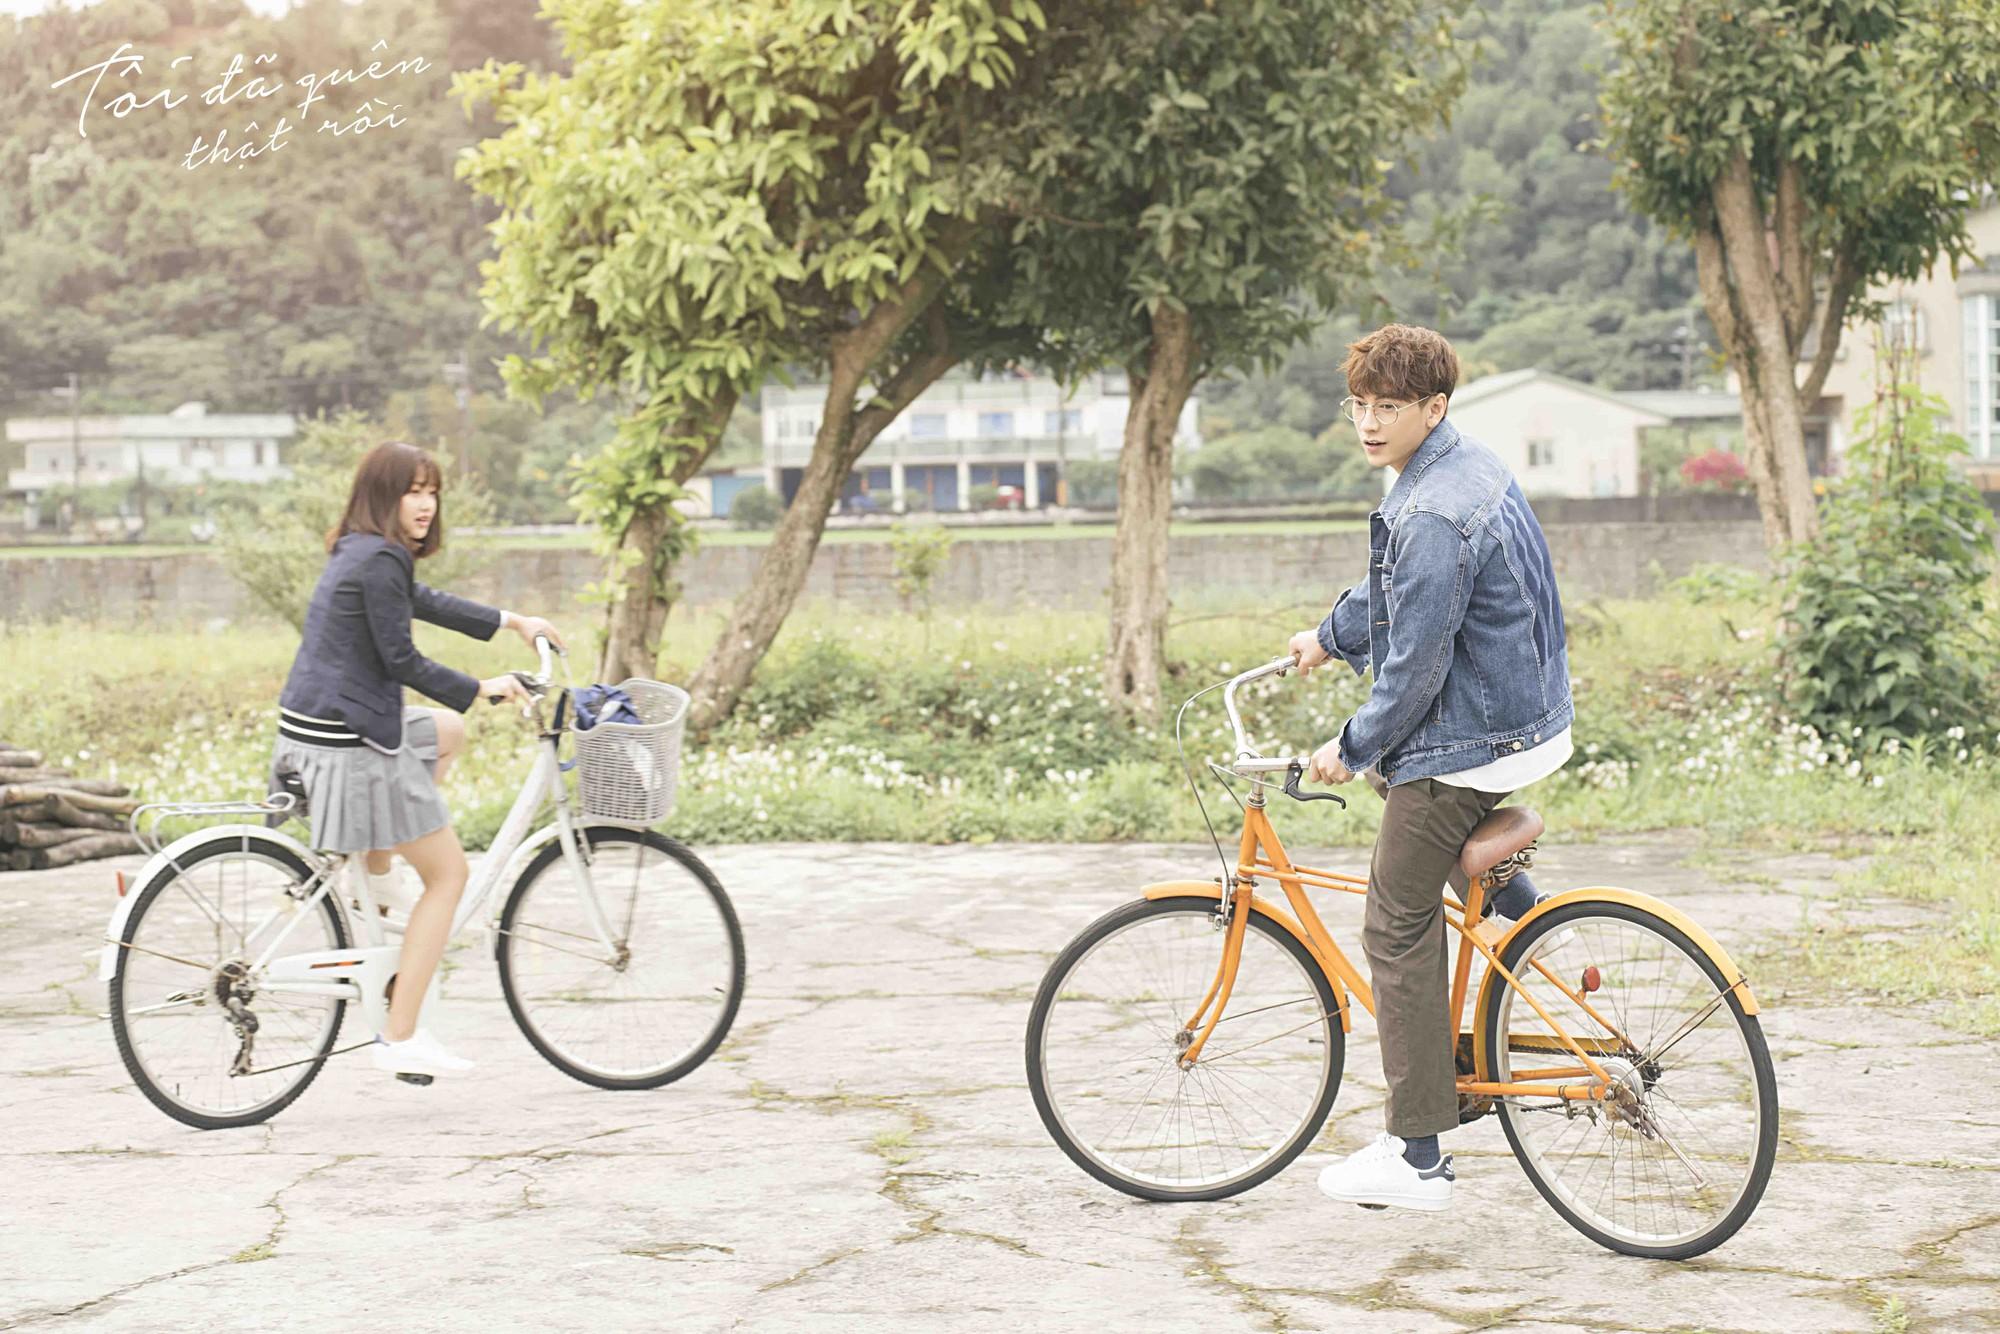 Isaac hoá thân ông chú cô đơn, hé lộ mối tình đũa lệch trong teaser MV mới - Ảnh 5.